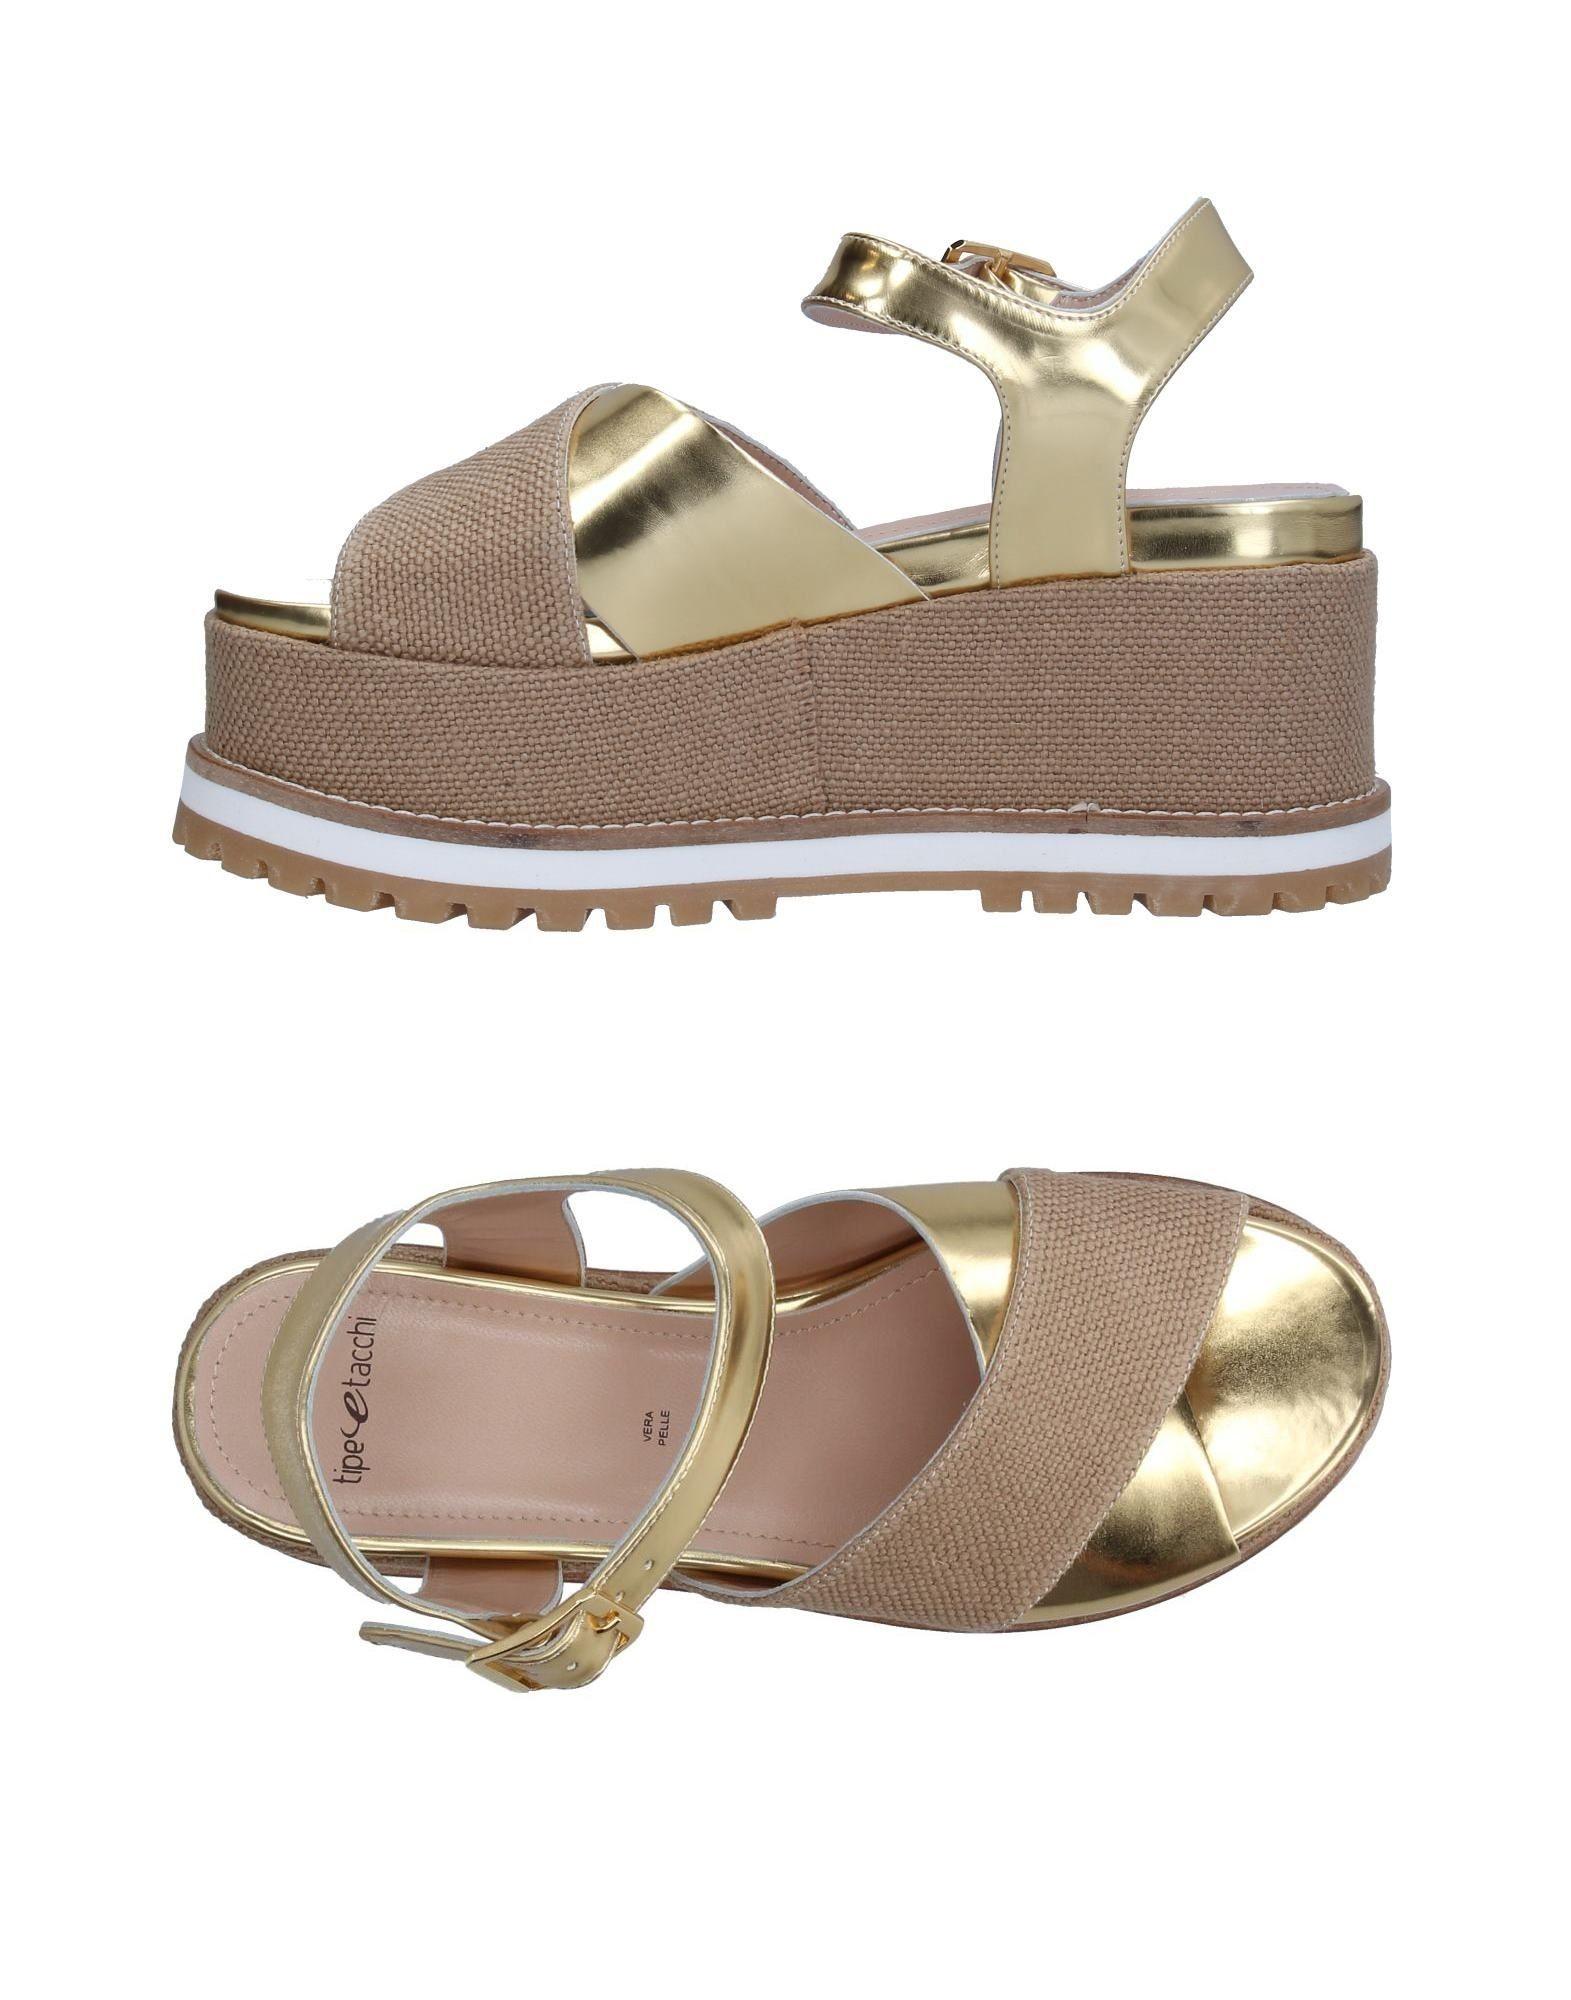 Unlace Stiefelette Damen 11473950QK Gute Qualität beliebte Schuhe 5b3bcf 936280e7a3